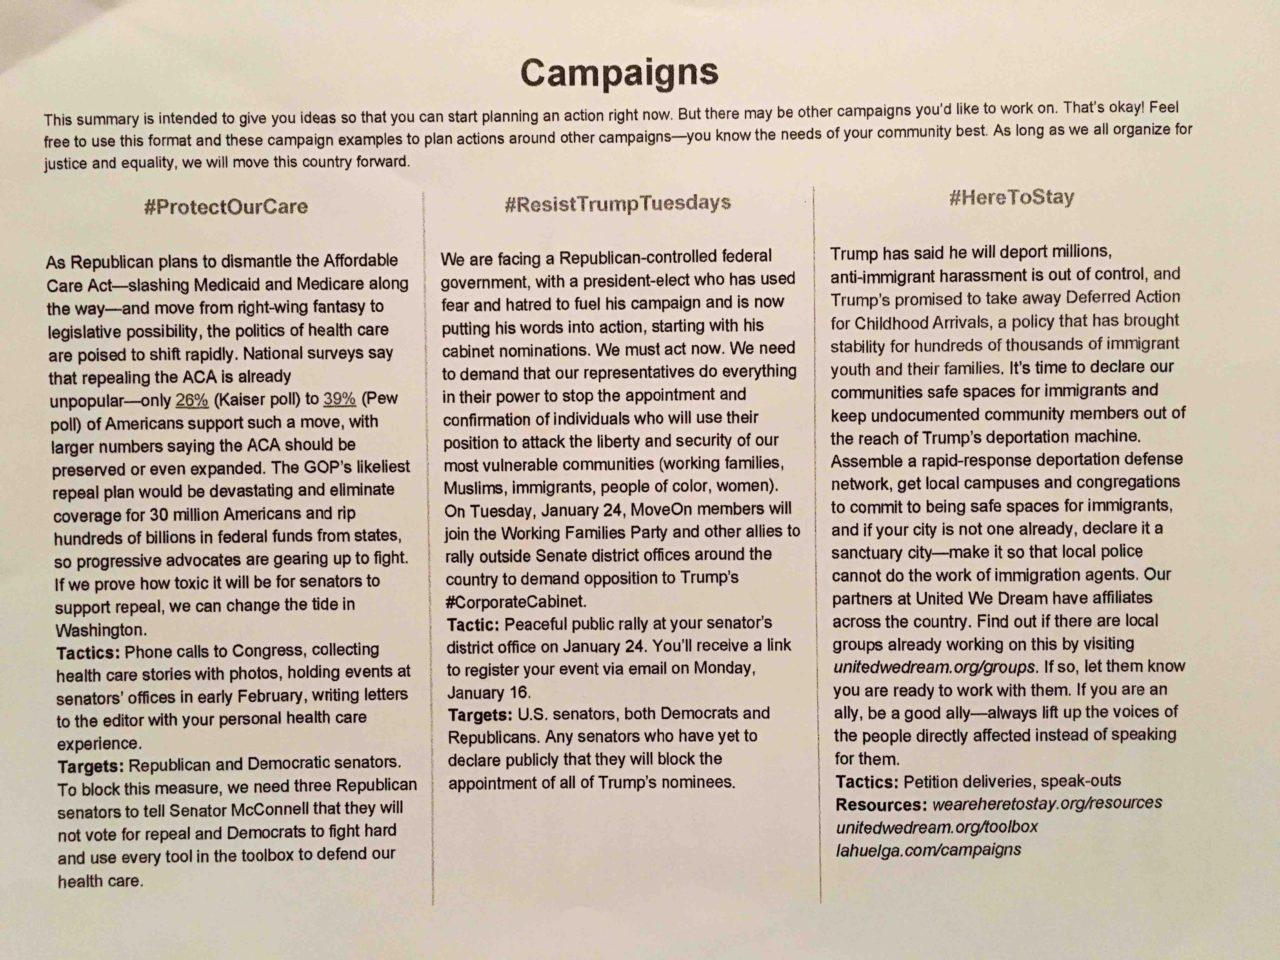 Resist Trum Agenda (Adelle Nazarian / Breitbart News)